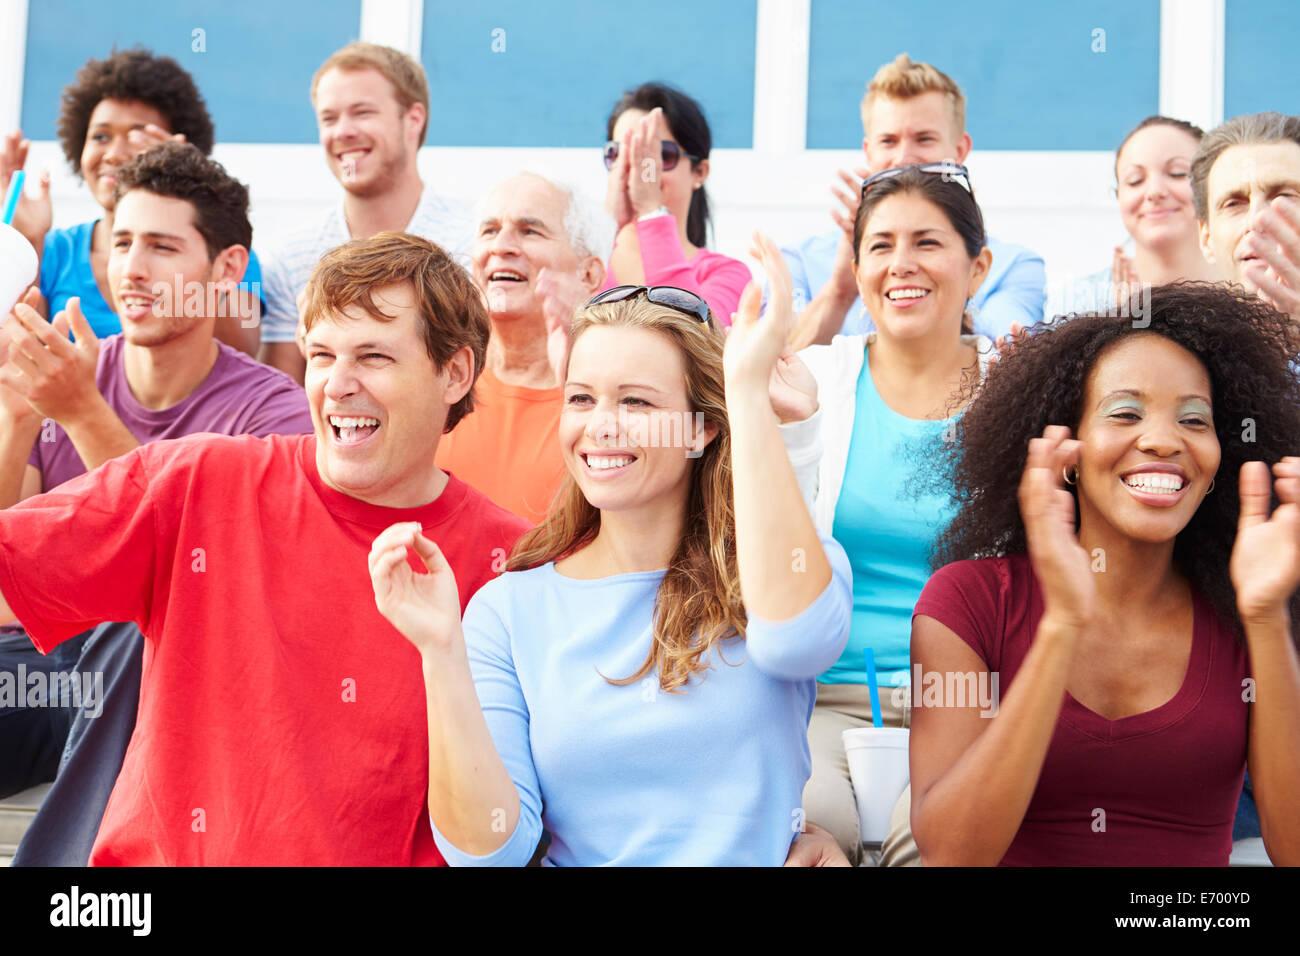 Los espectadores vitoreando en eventos de deportes al aire libre Foto de stock